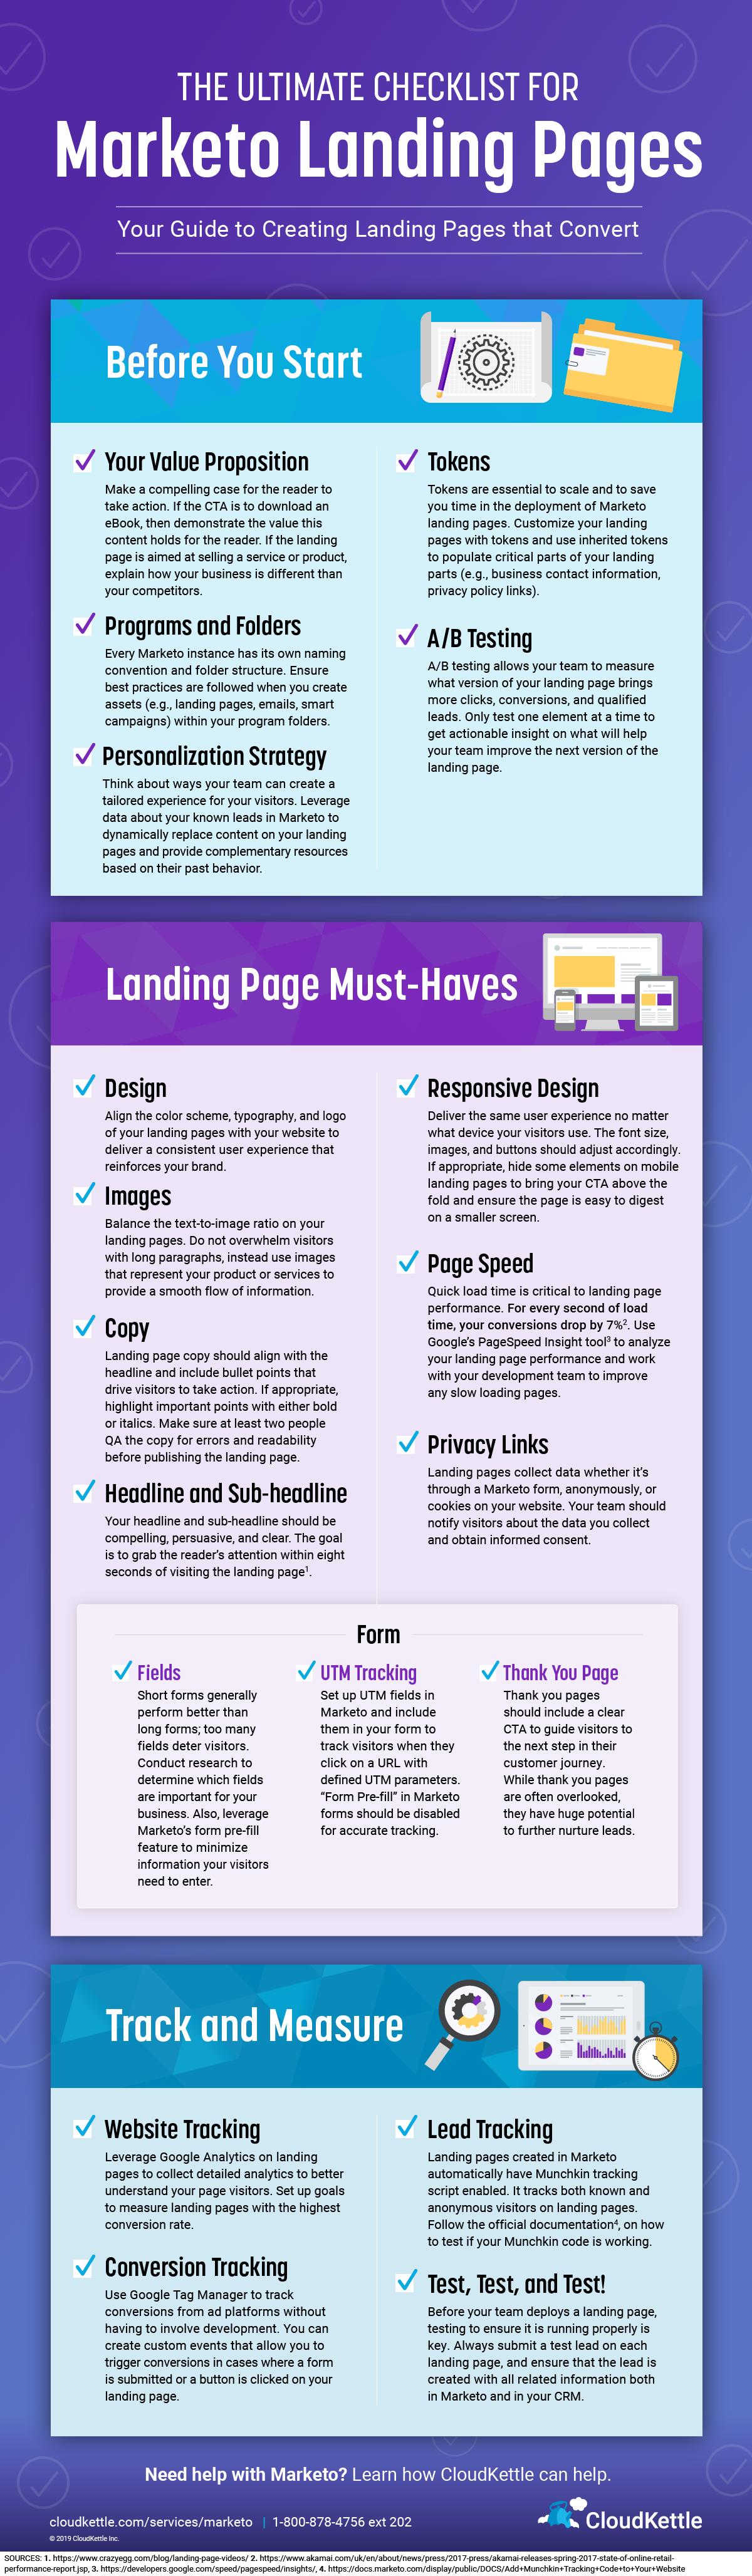 Marketo-Landing-Page-Checklist